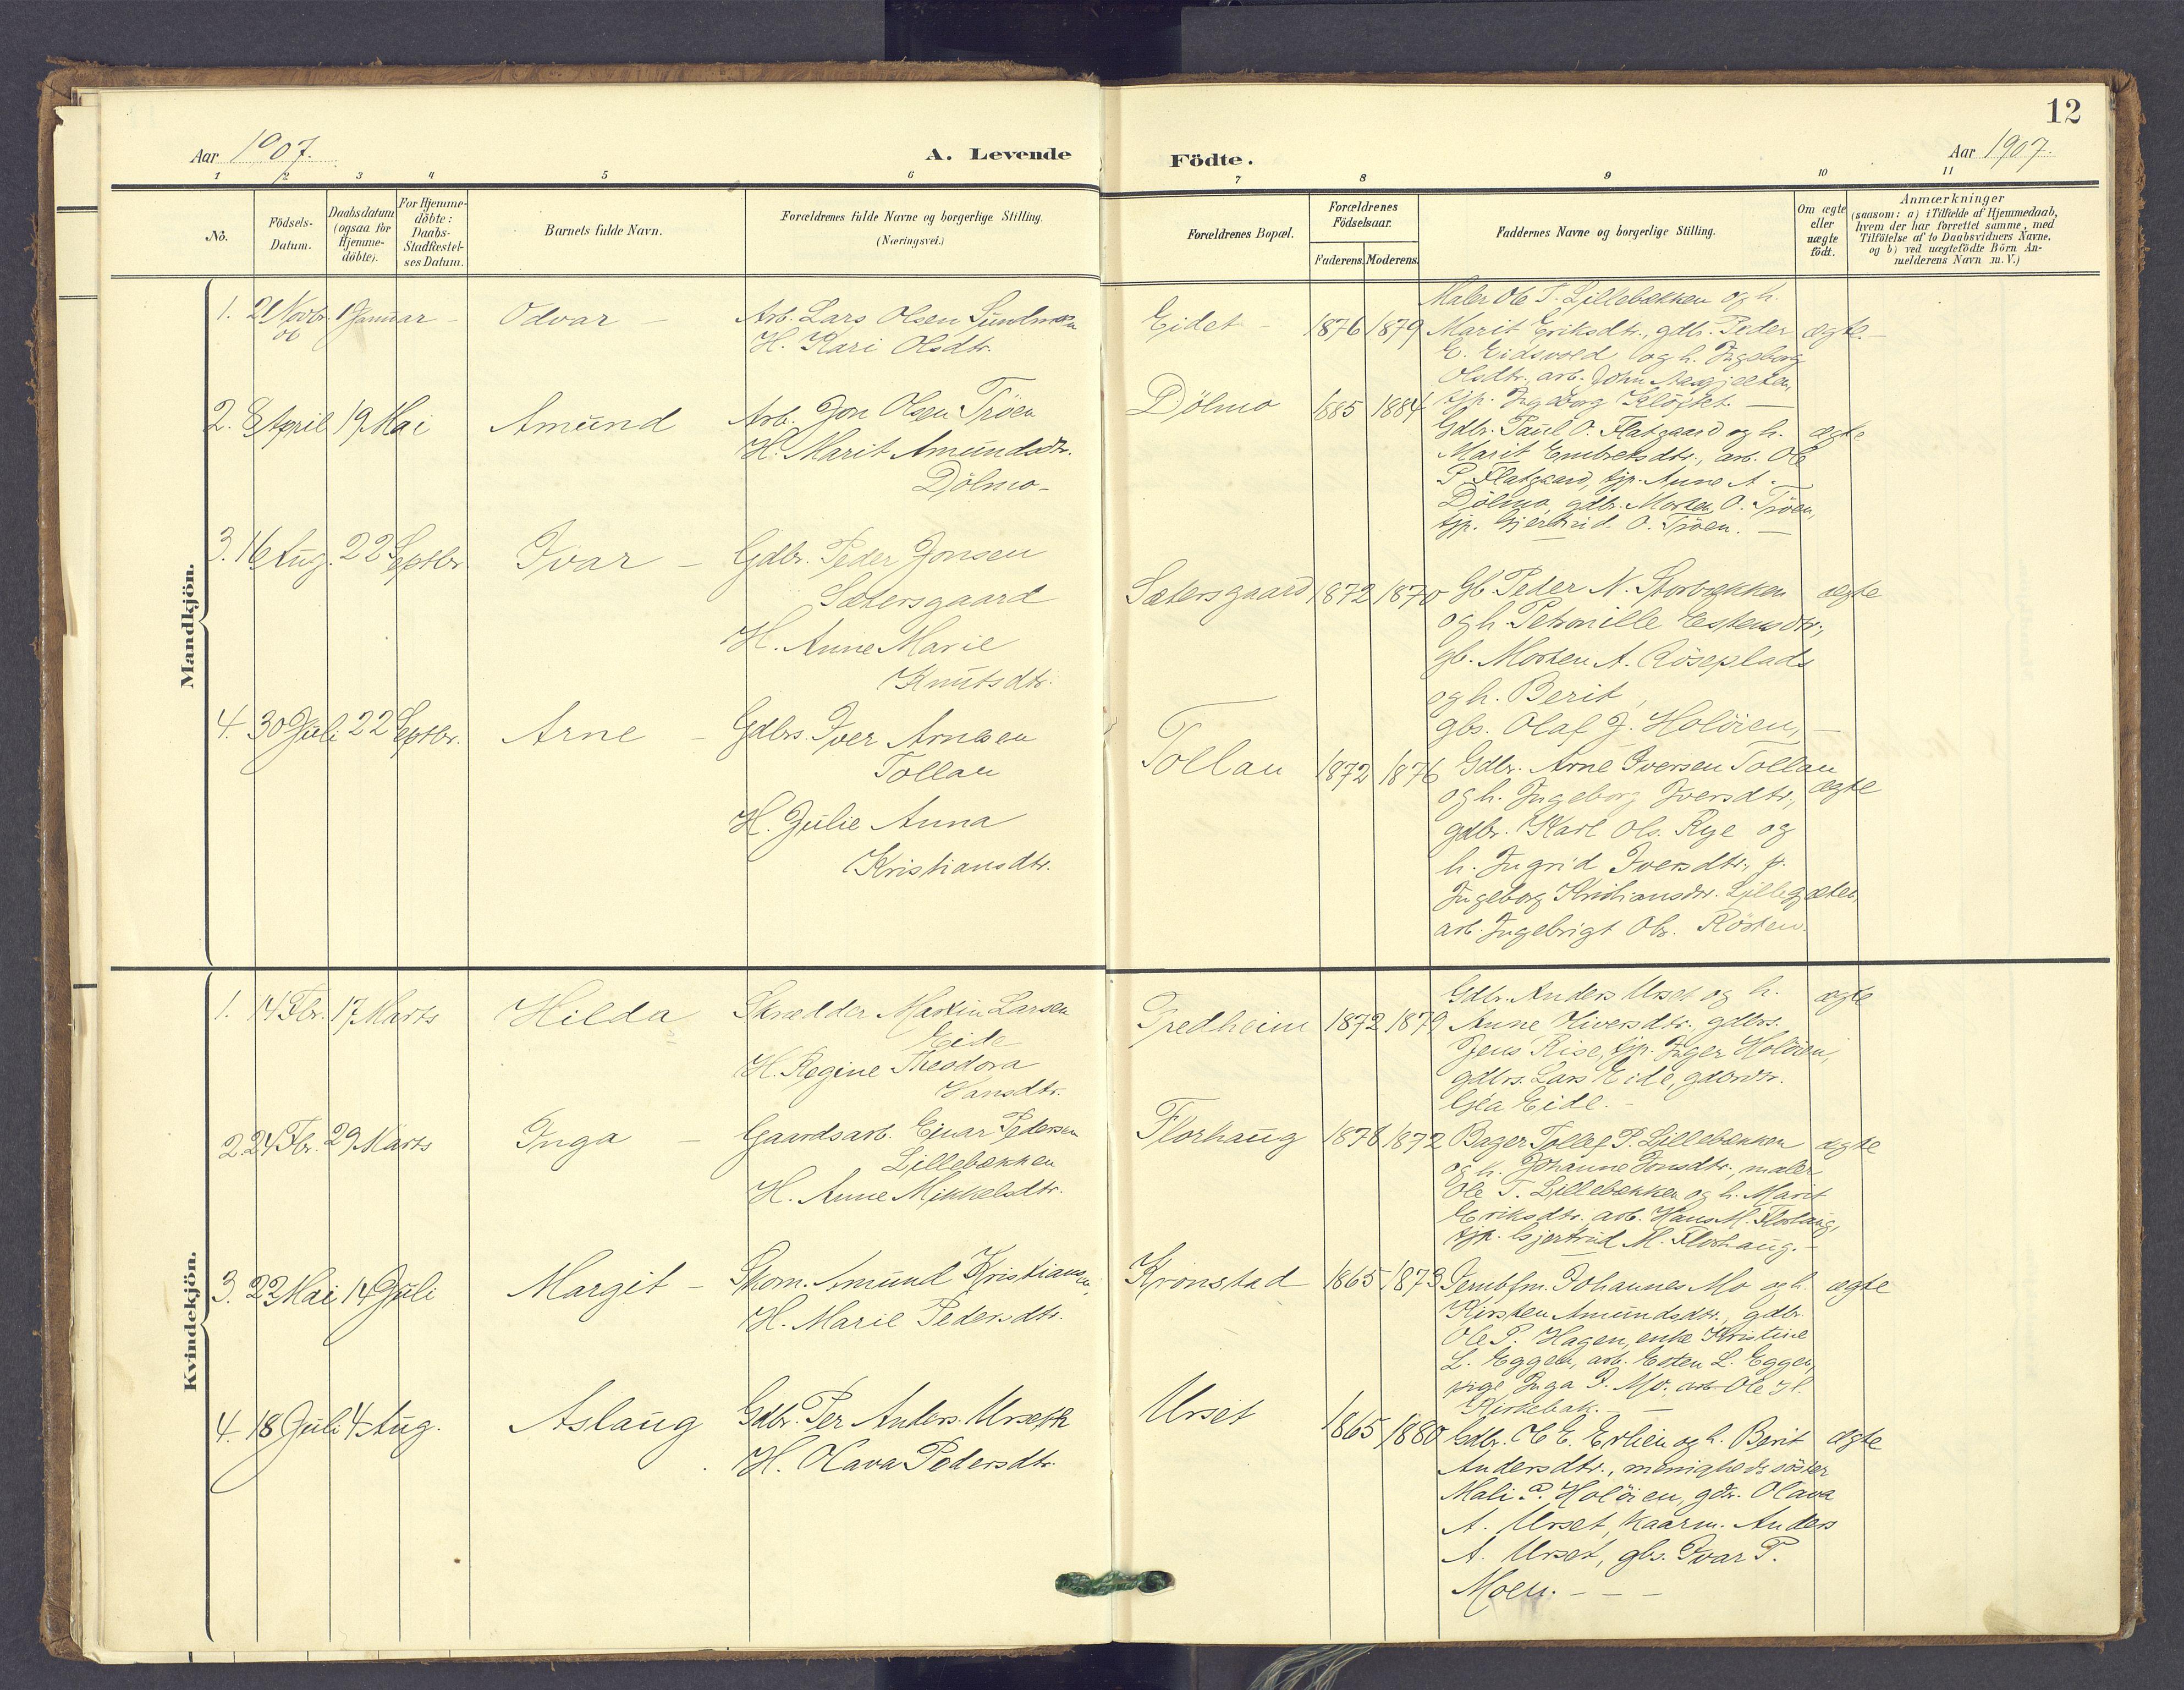 SAH, Tolga prestekontor, K/L0014: Ministerialbok nr. 14, 1903-1929, s. 12